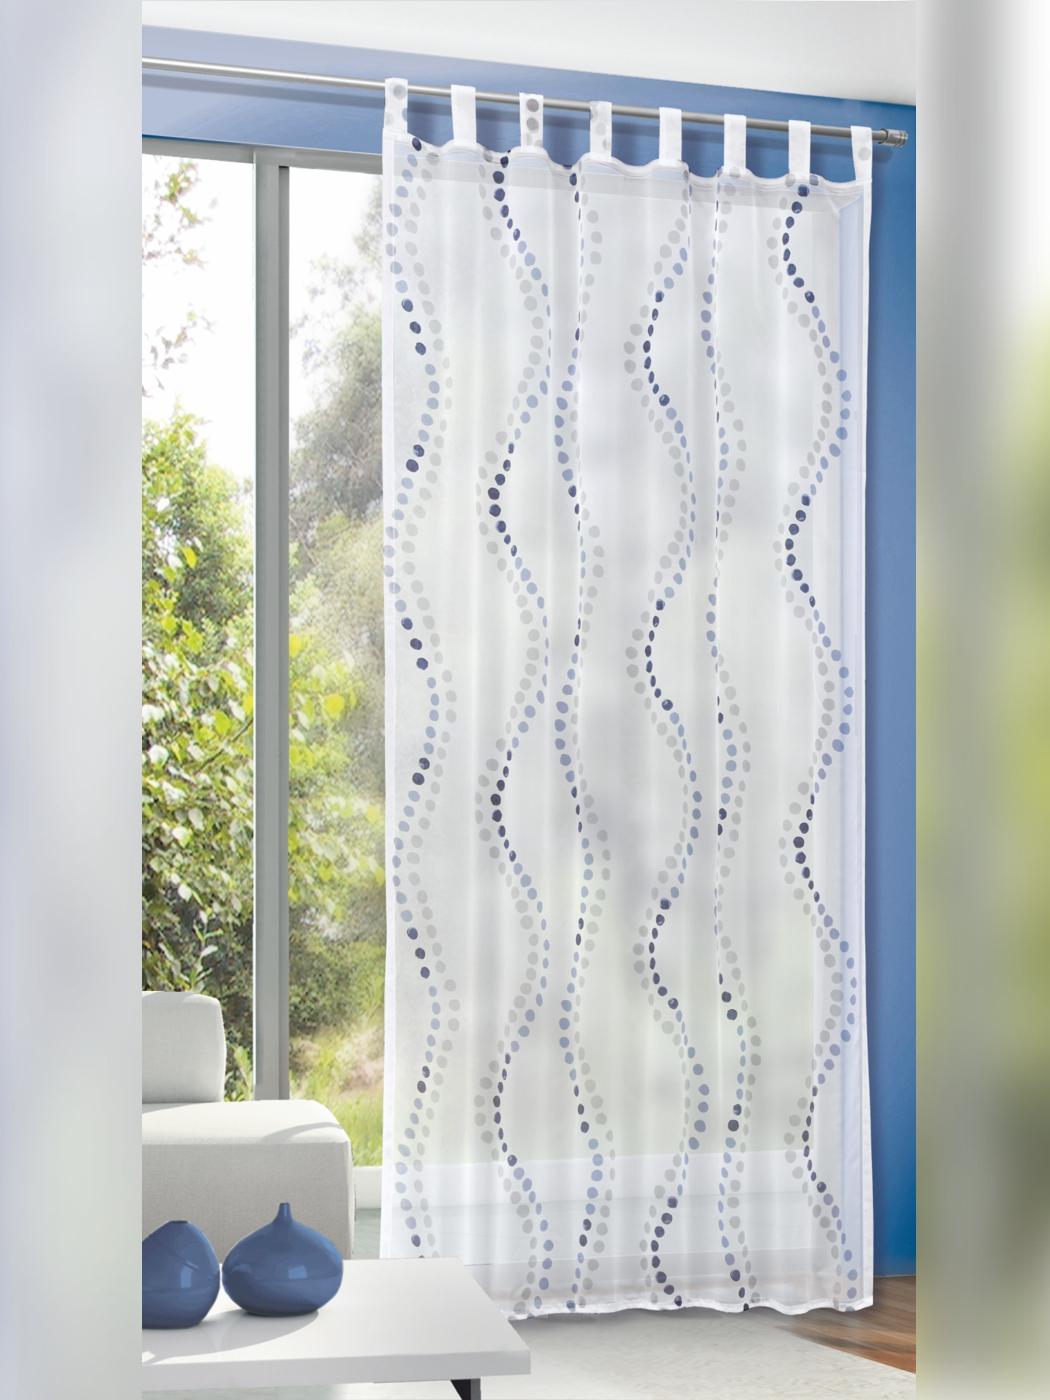 fertig gardinen great gardinen ideen zum massiv modern schne ziemlich moderne vorhnge gardinen. Black Bedroom Furniture Sets. Home Design Ideas